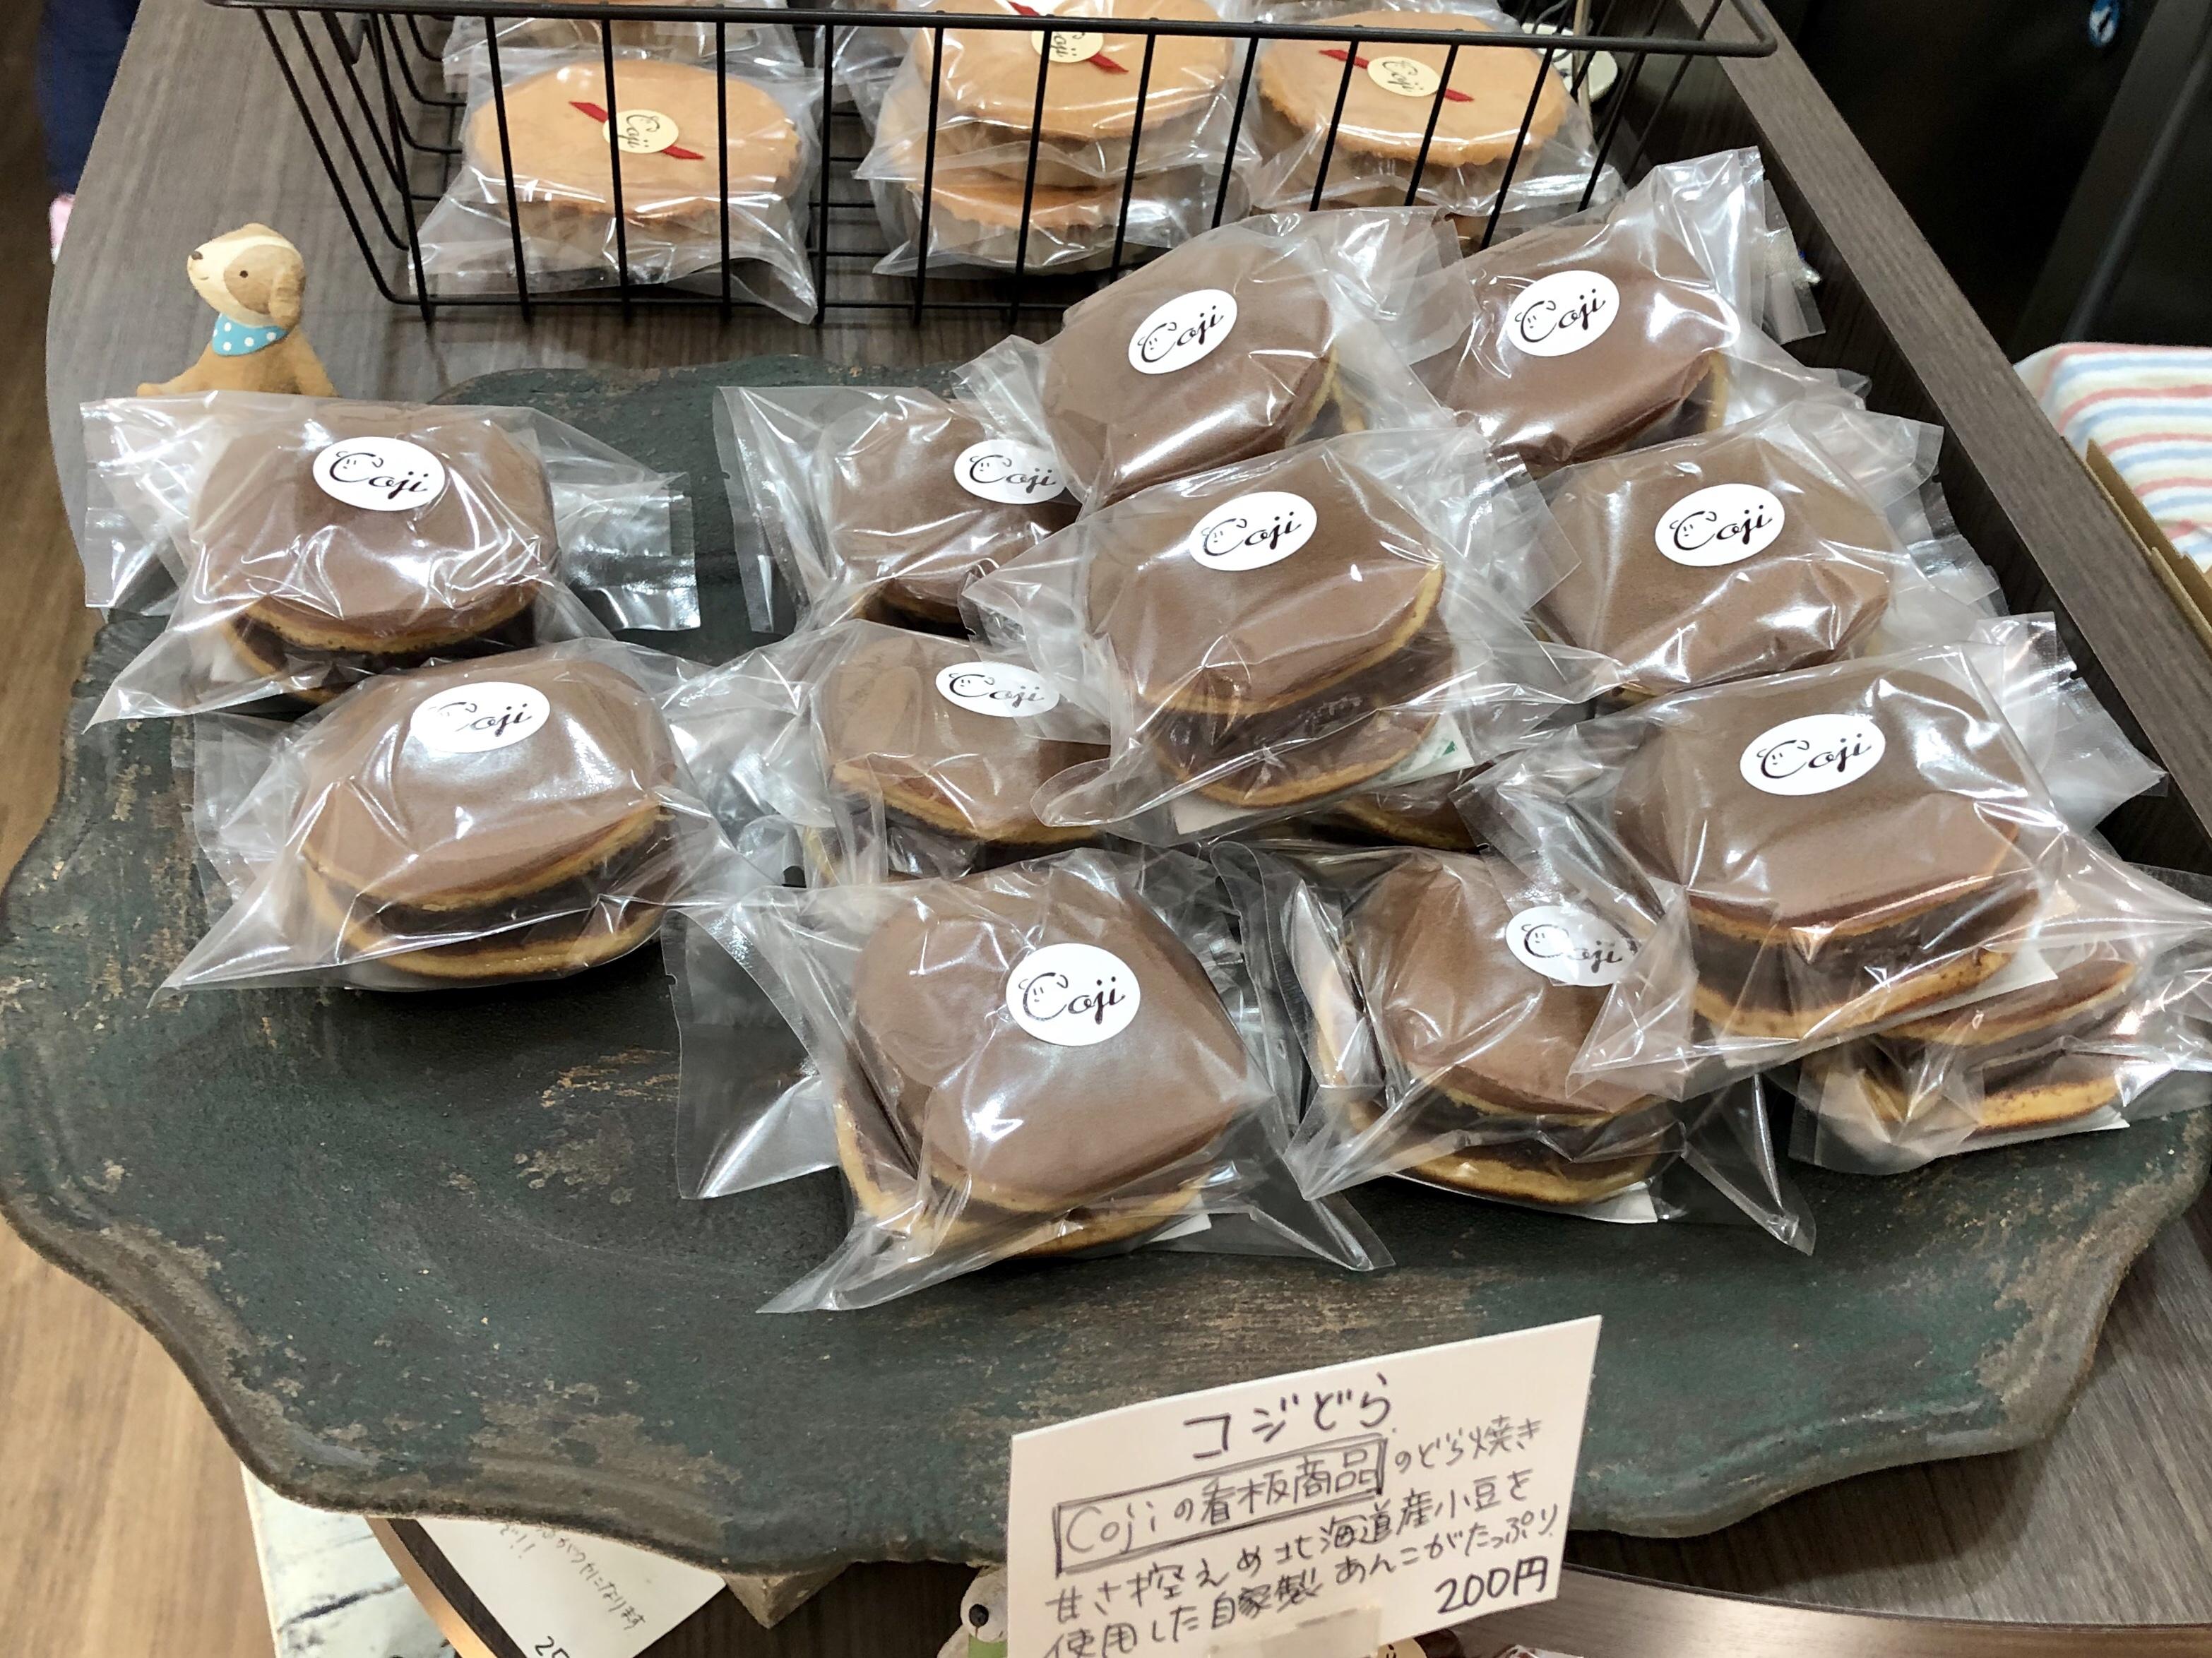 金沢の21世紀美術館近くの和菓子屋のコジのどら焼き